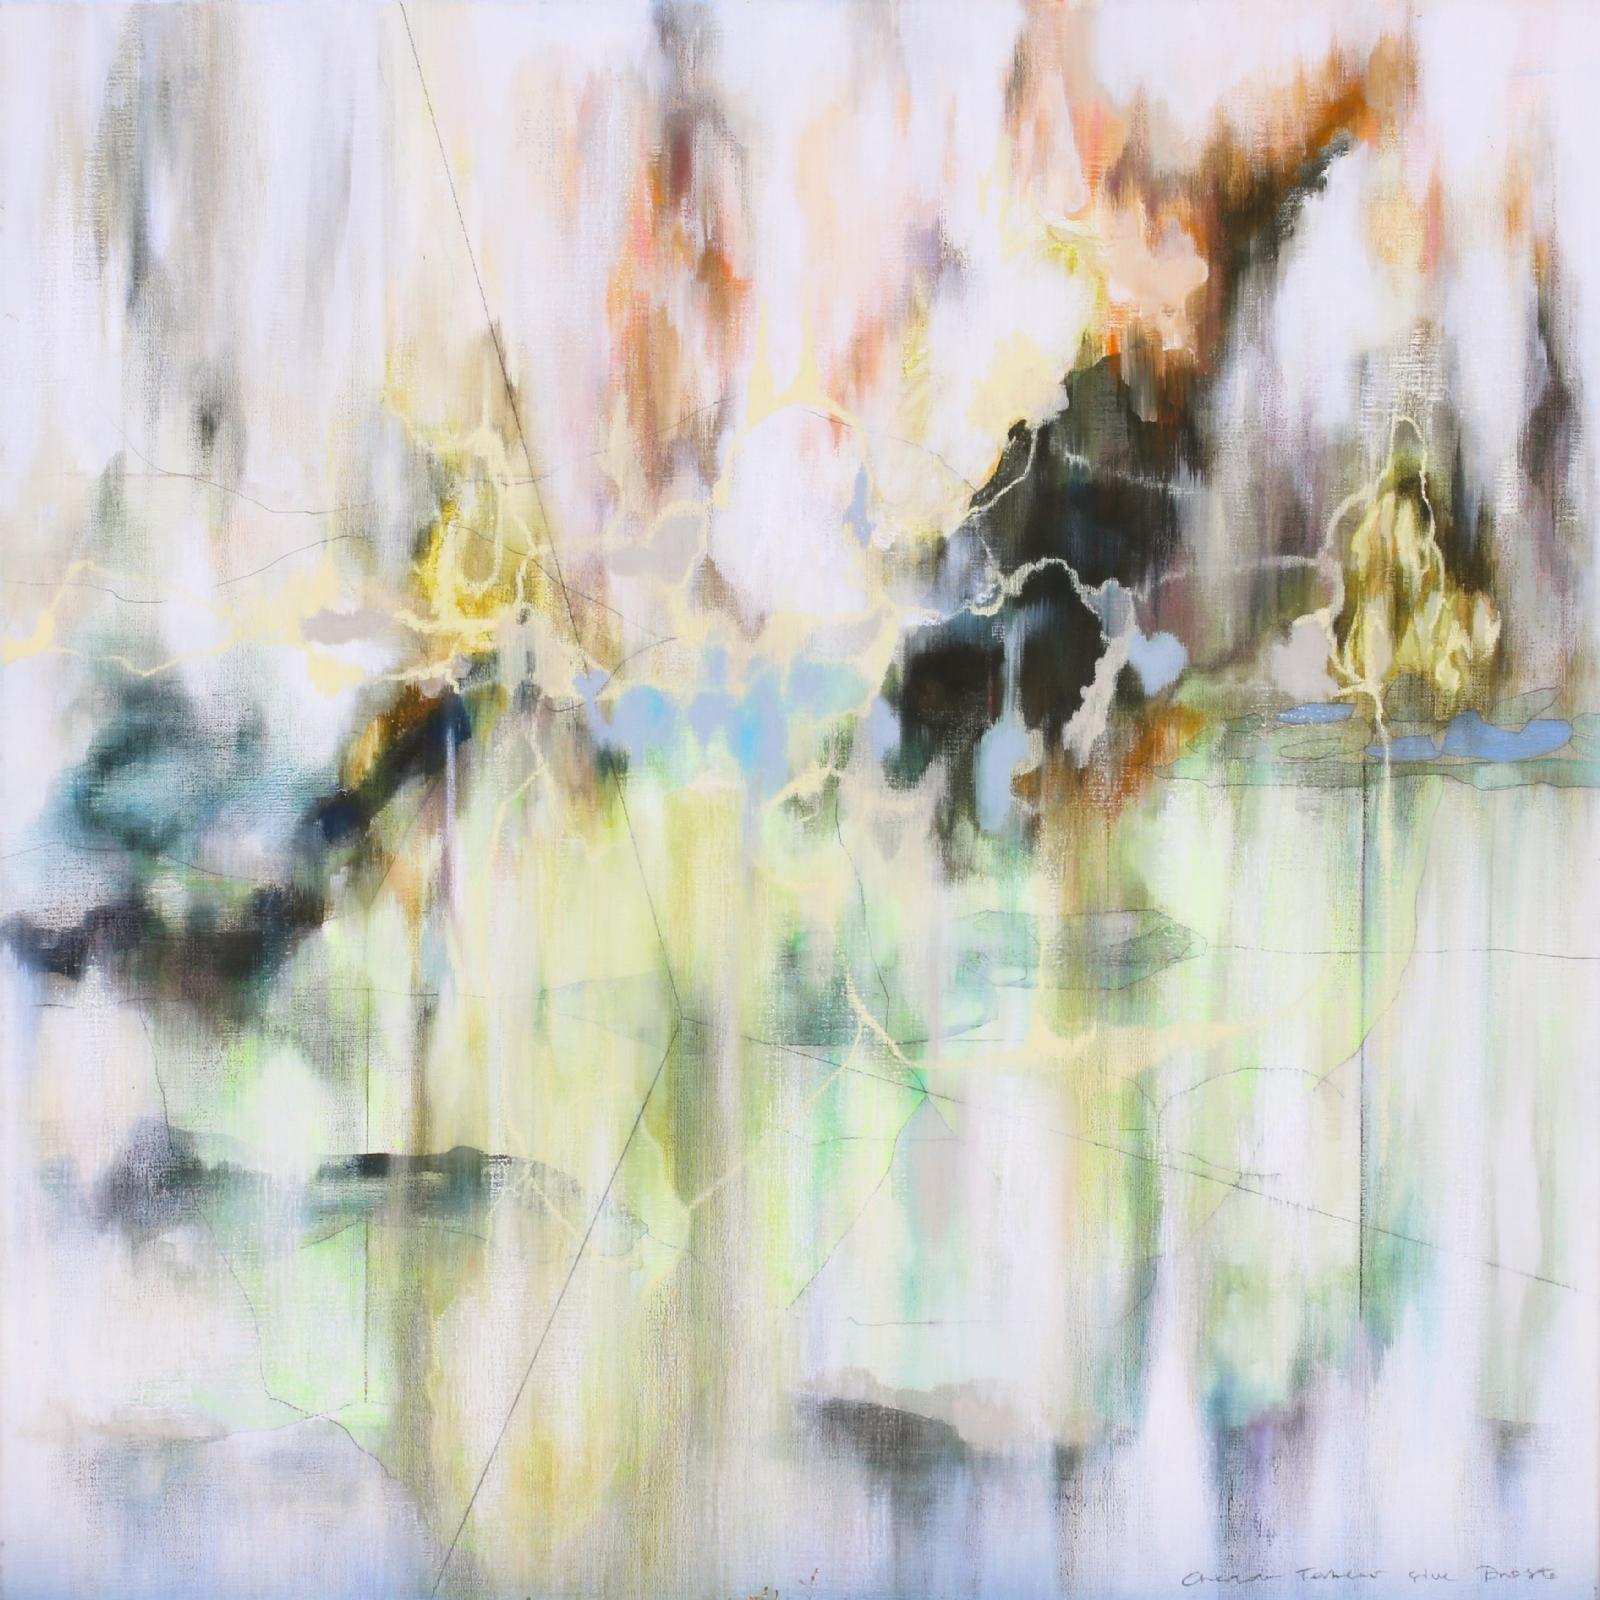 Schilderij #384